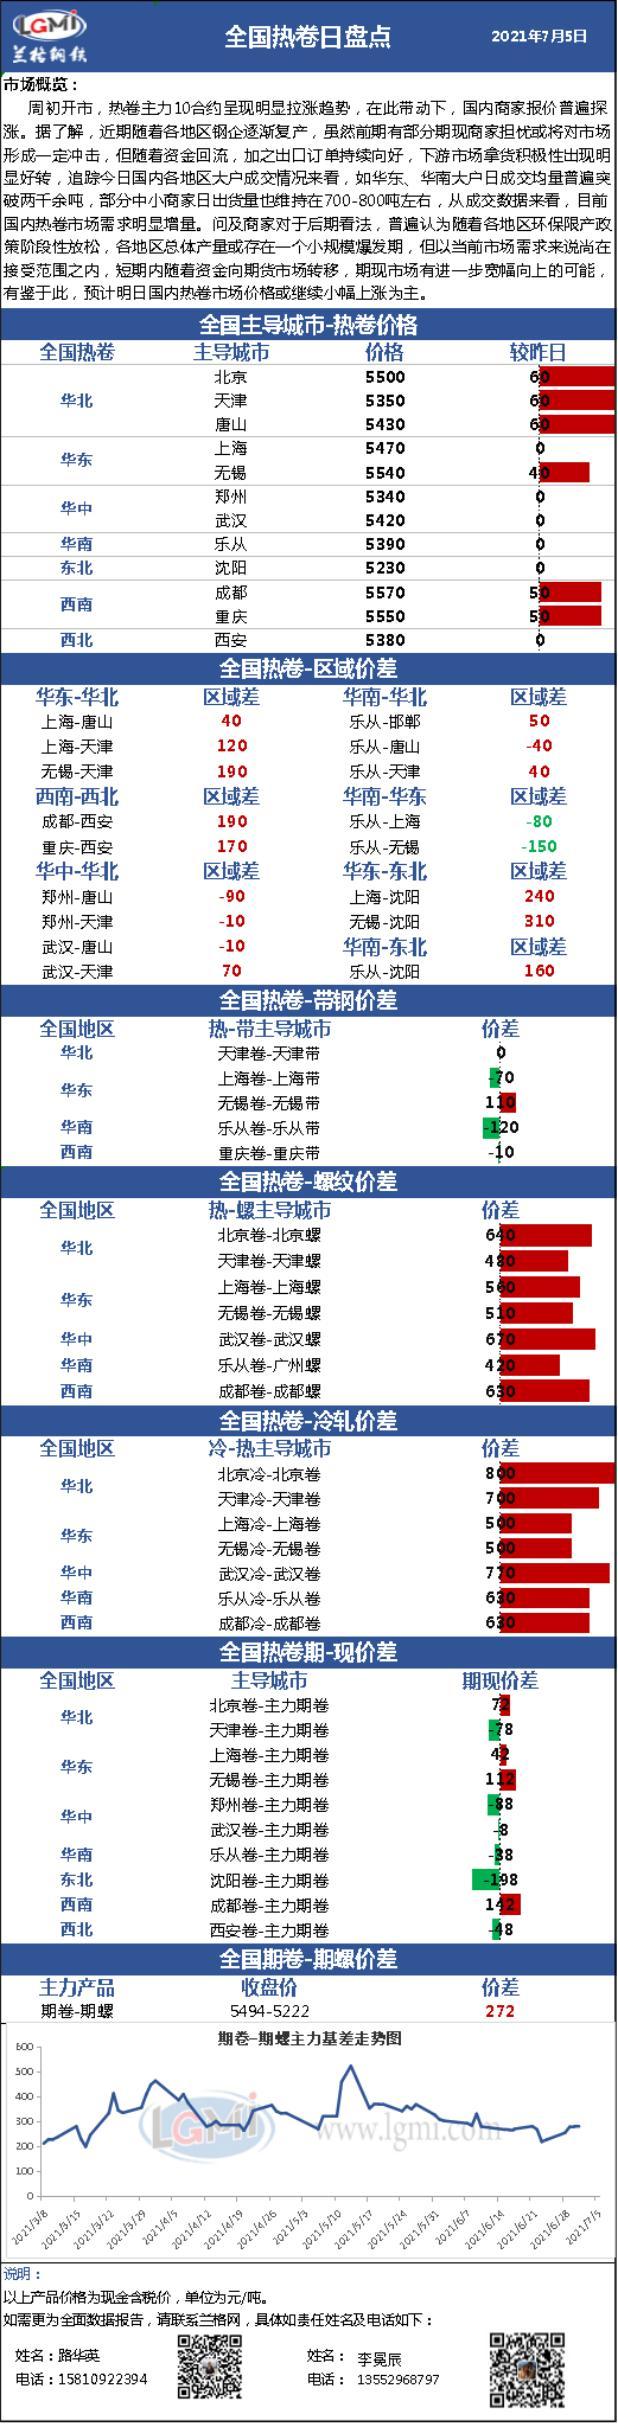 兰格热轧卷板日盘点(7.5):市场报价尾盘继续探涨 各地区成交情况明显增量